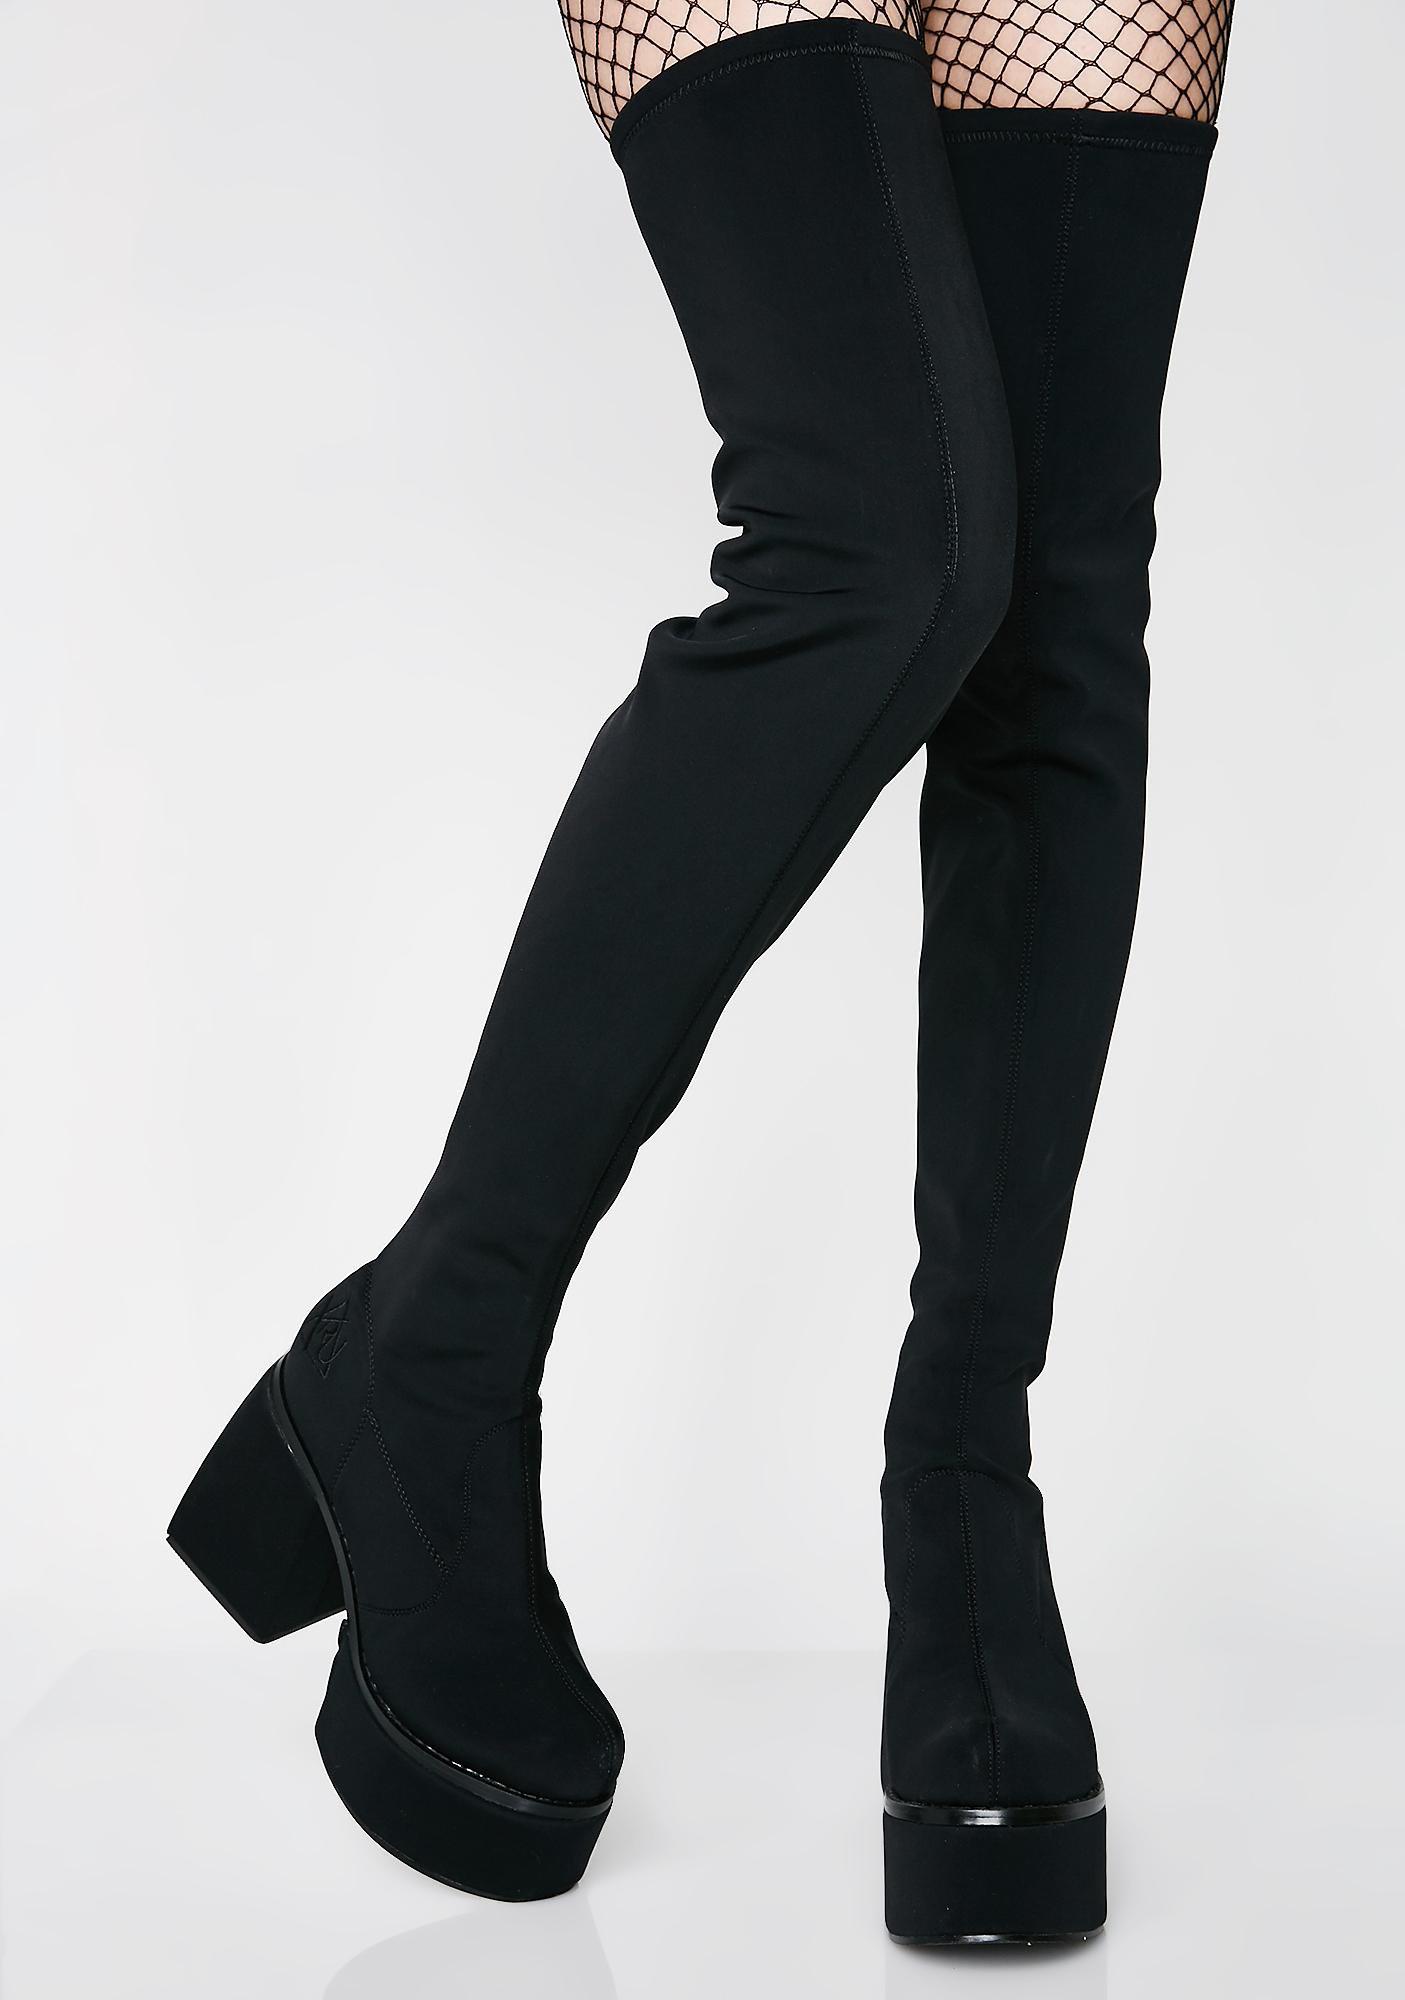 Y.R.U. Thigh High Boots